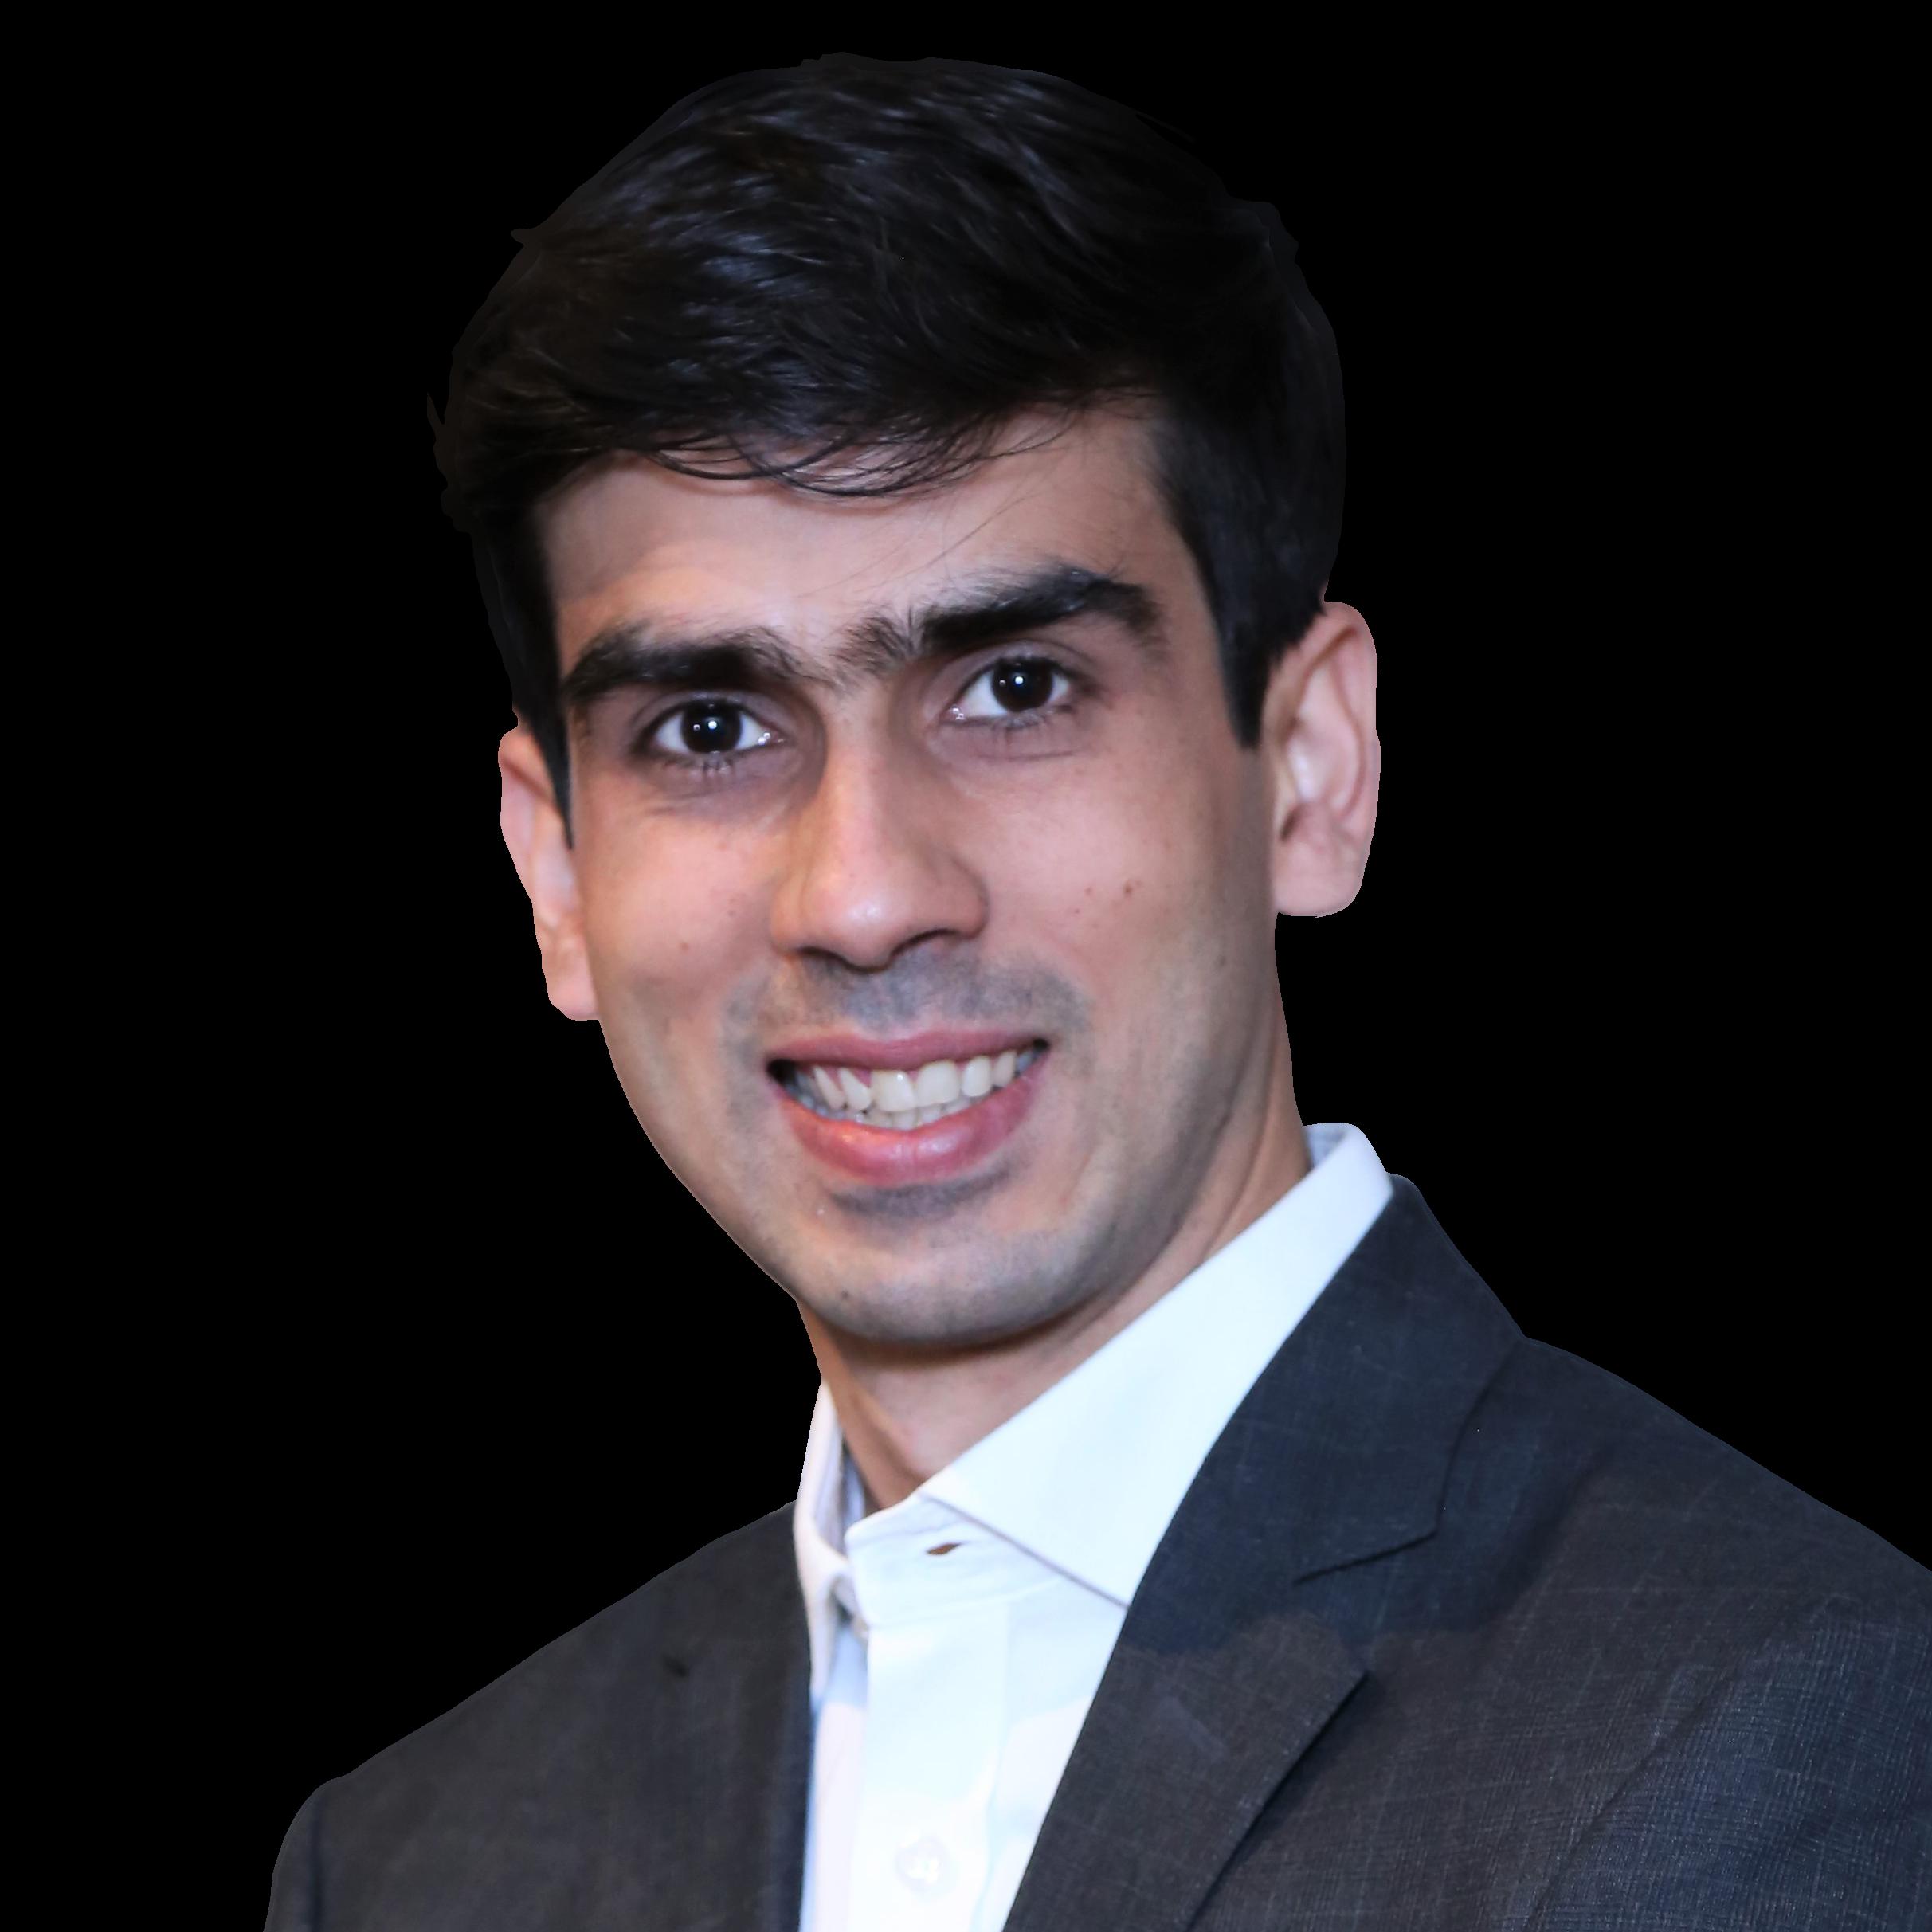 Mayank Nagpal, Director, Africa - Grail Insights